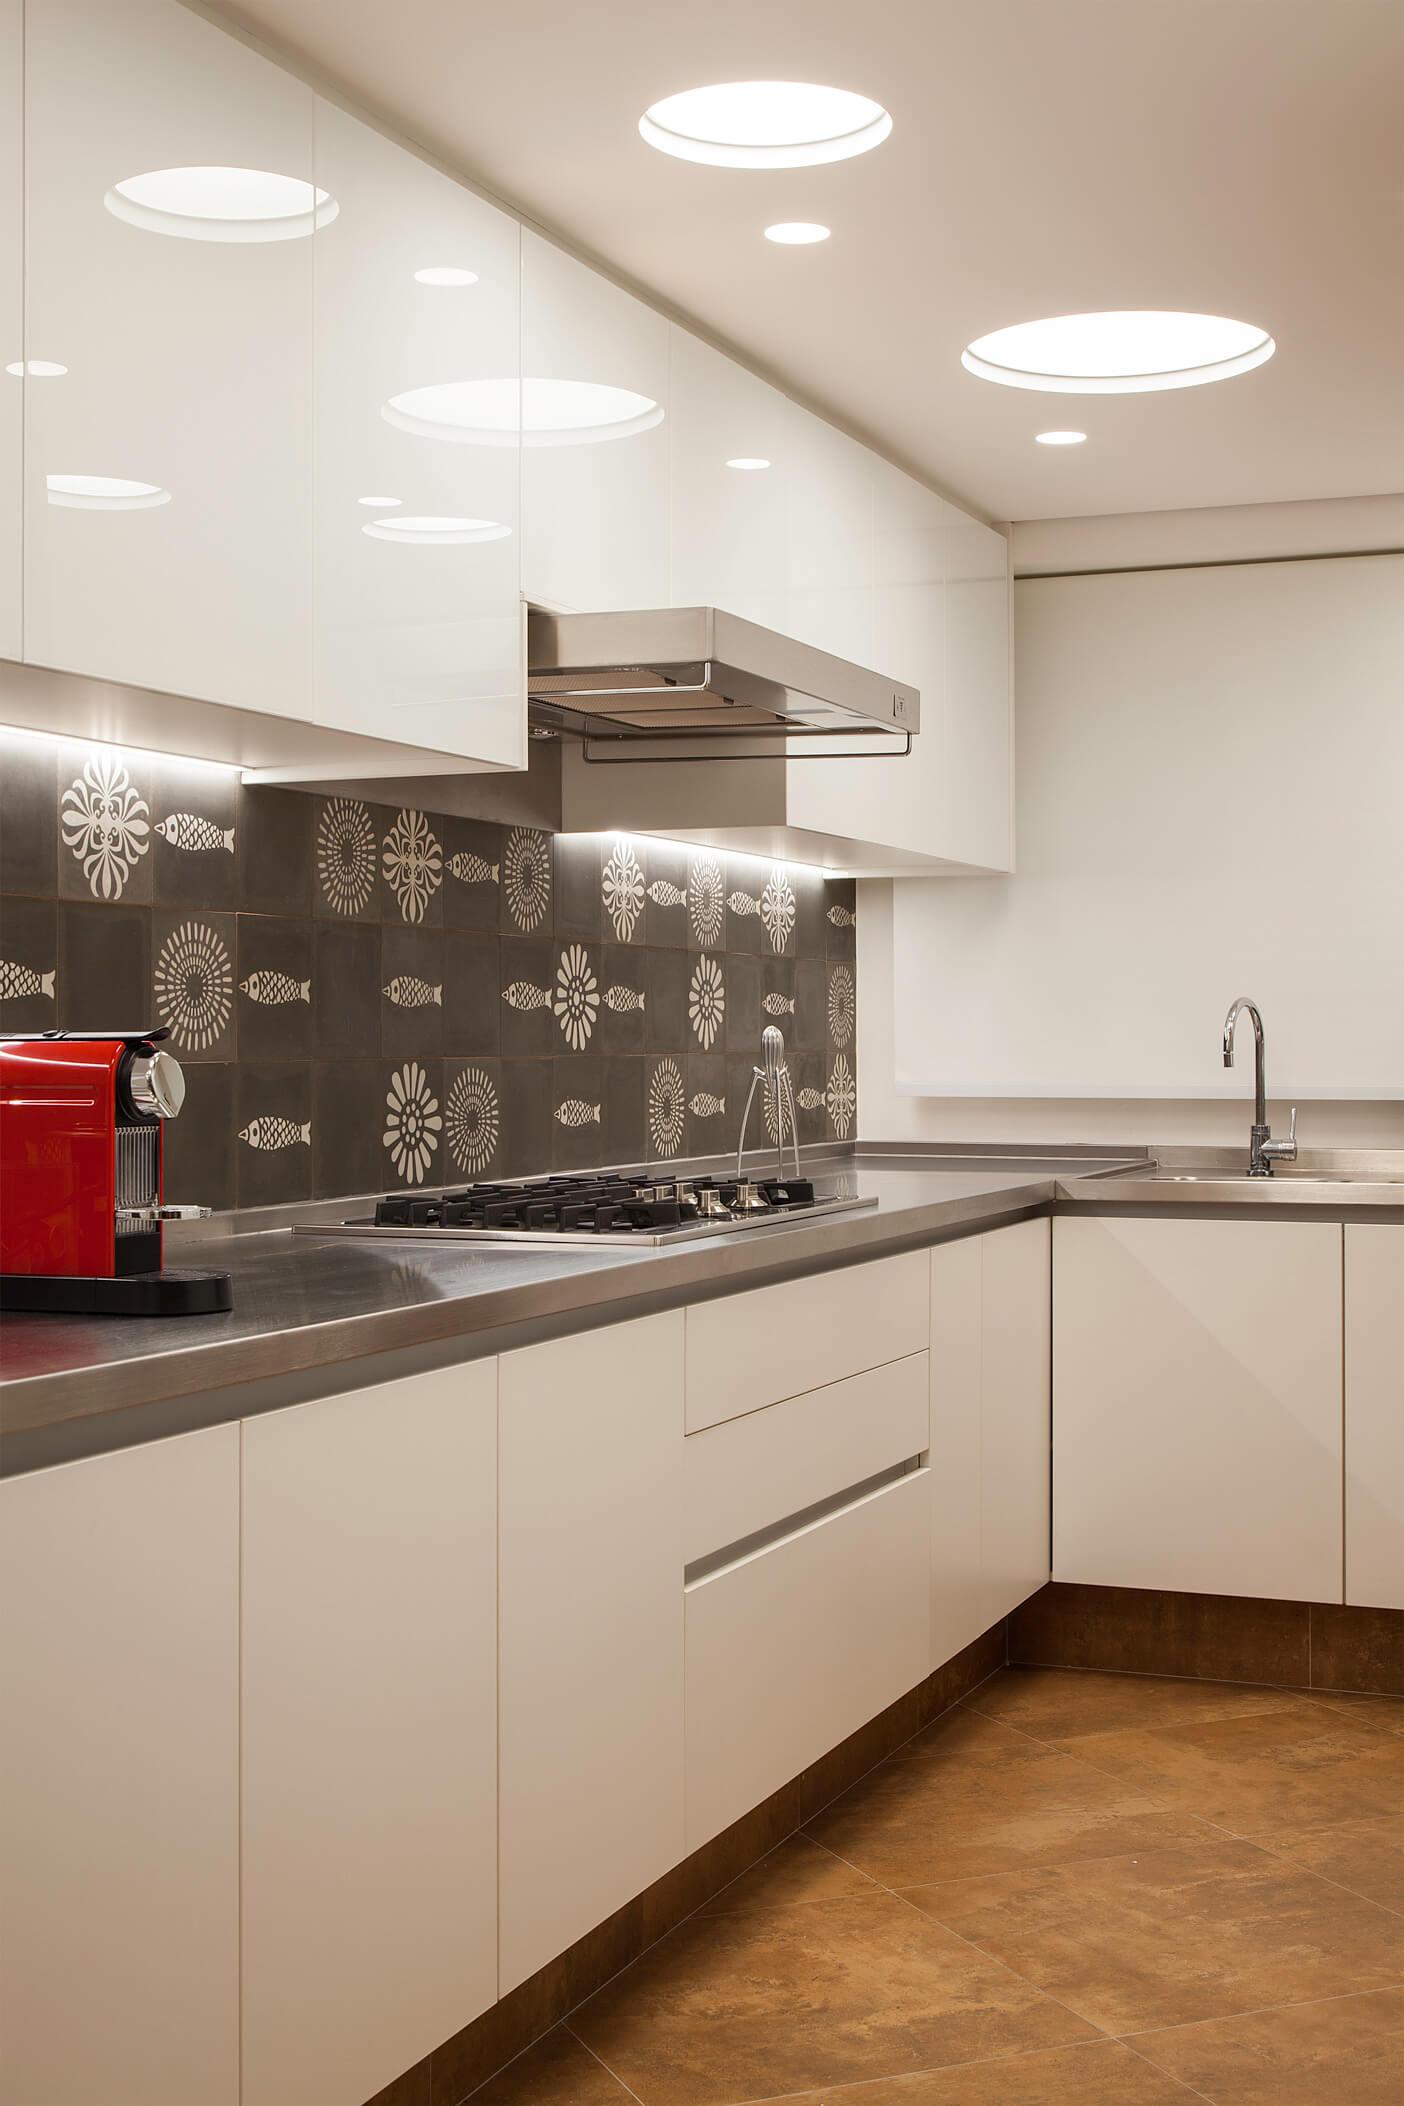 Cozinha com móveis planejados em vidro e laminado branco